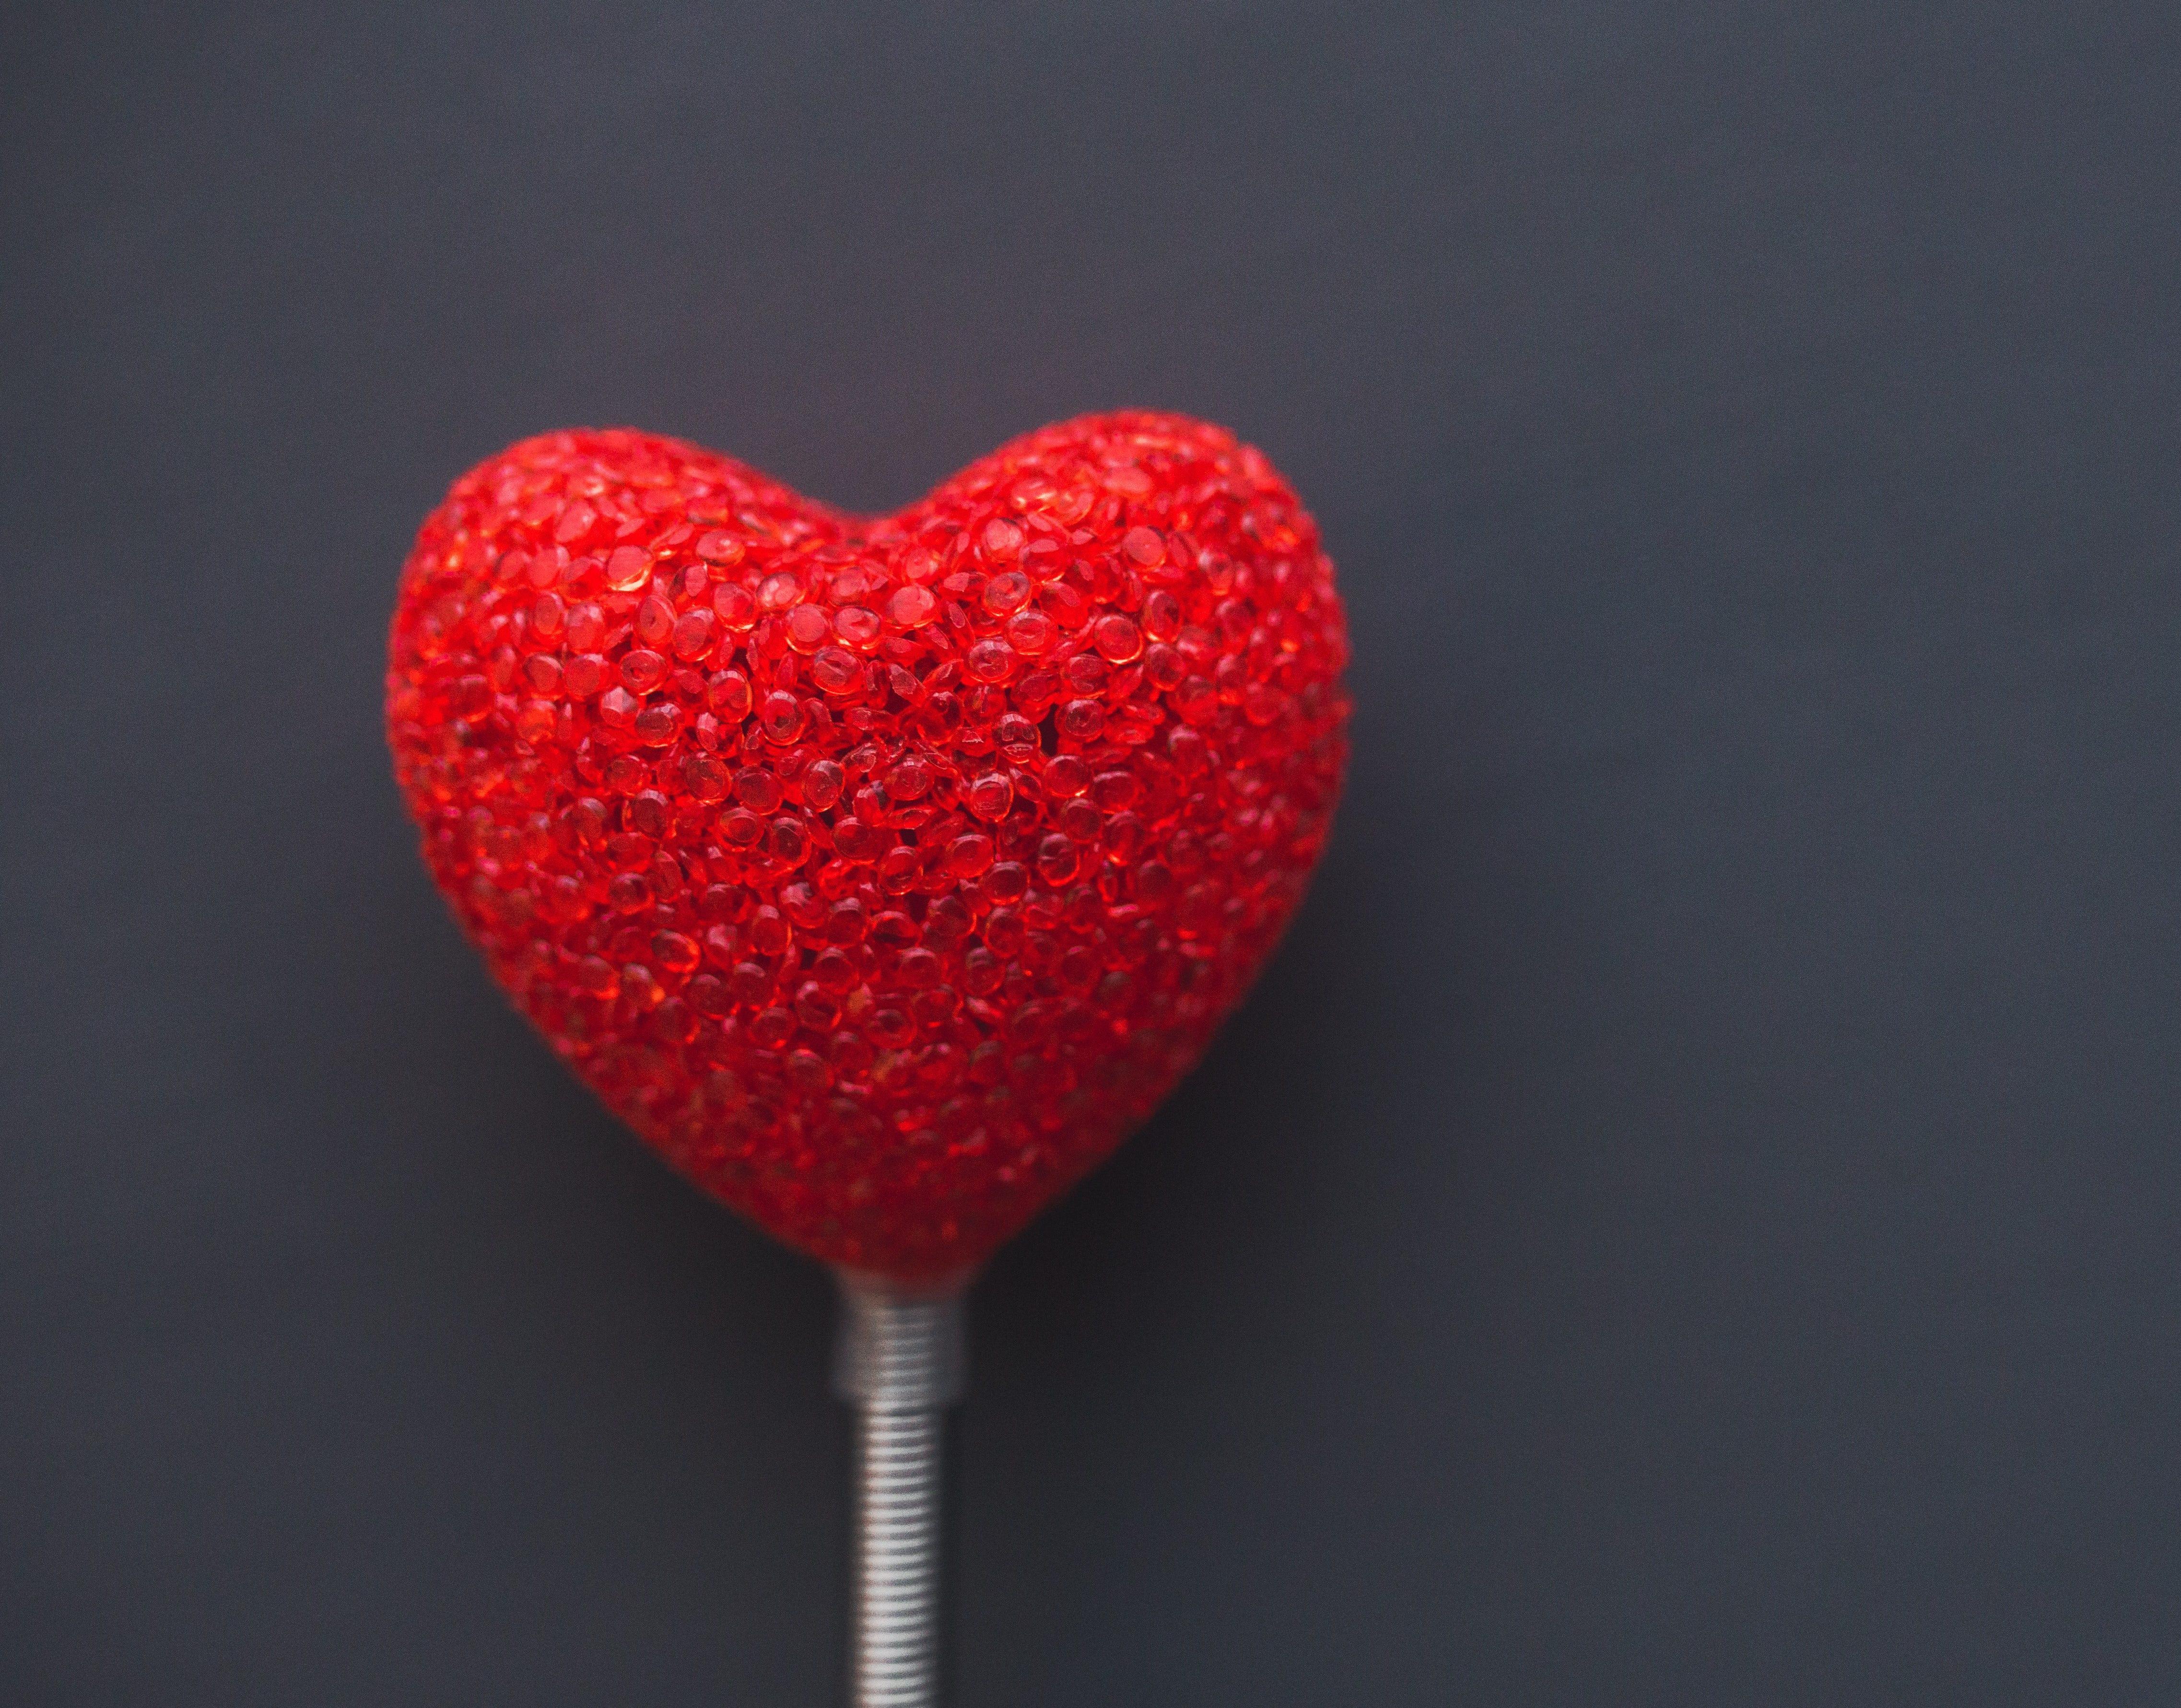 heart-love-romance-6371.jpg